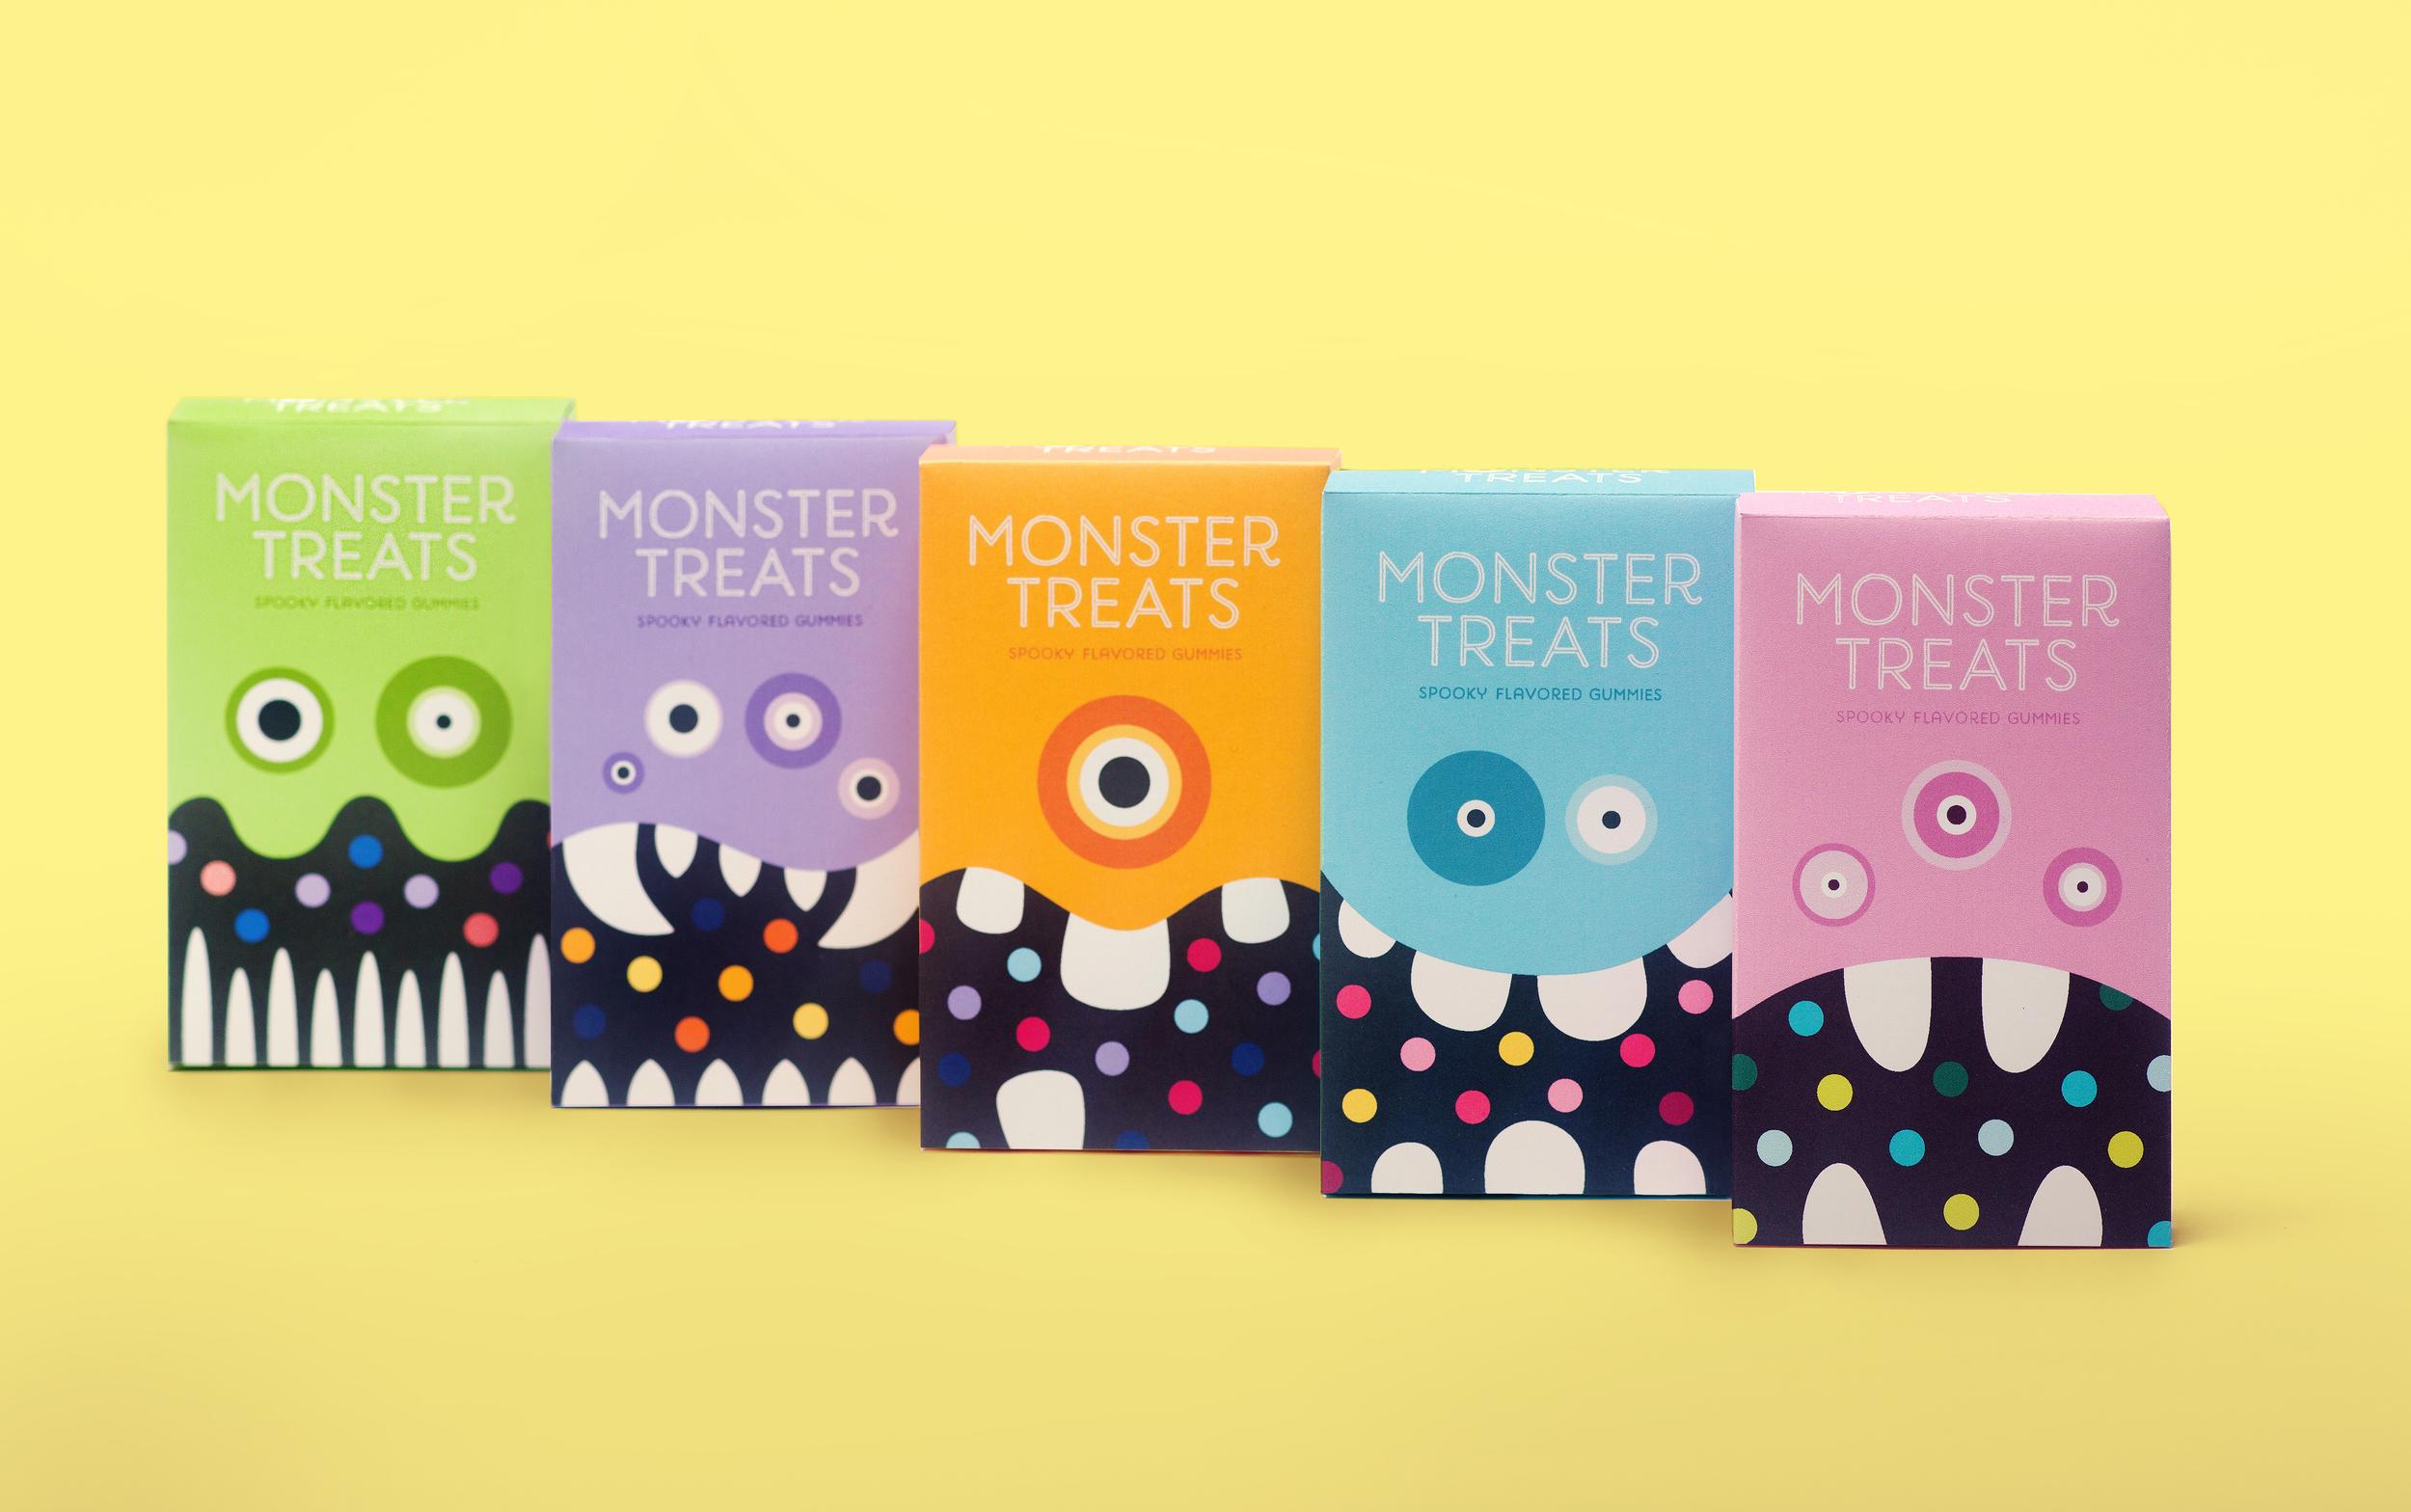 Monstertreats_FINAL.jpg